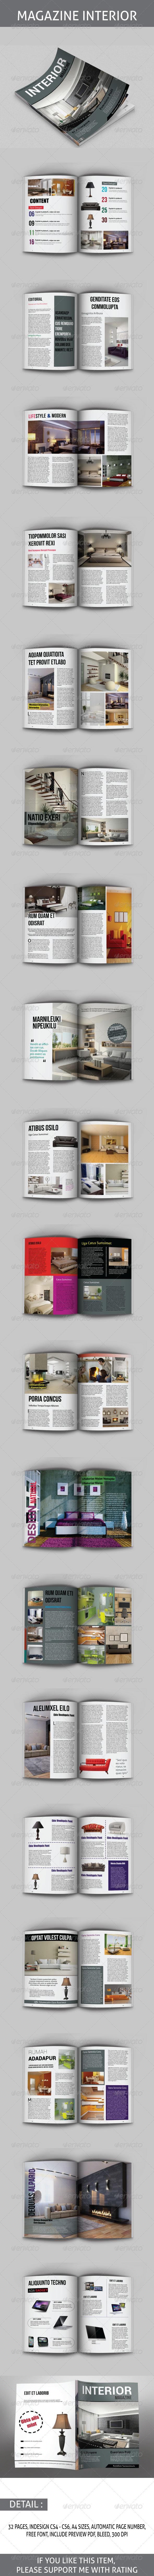 GraphicRiver Magazine Furniture Template 8658908